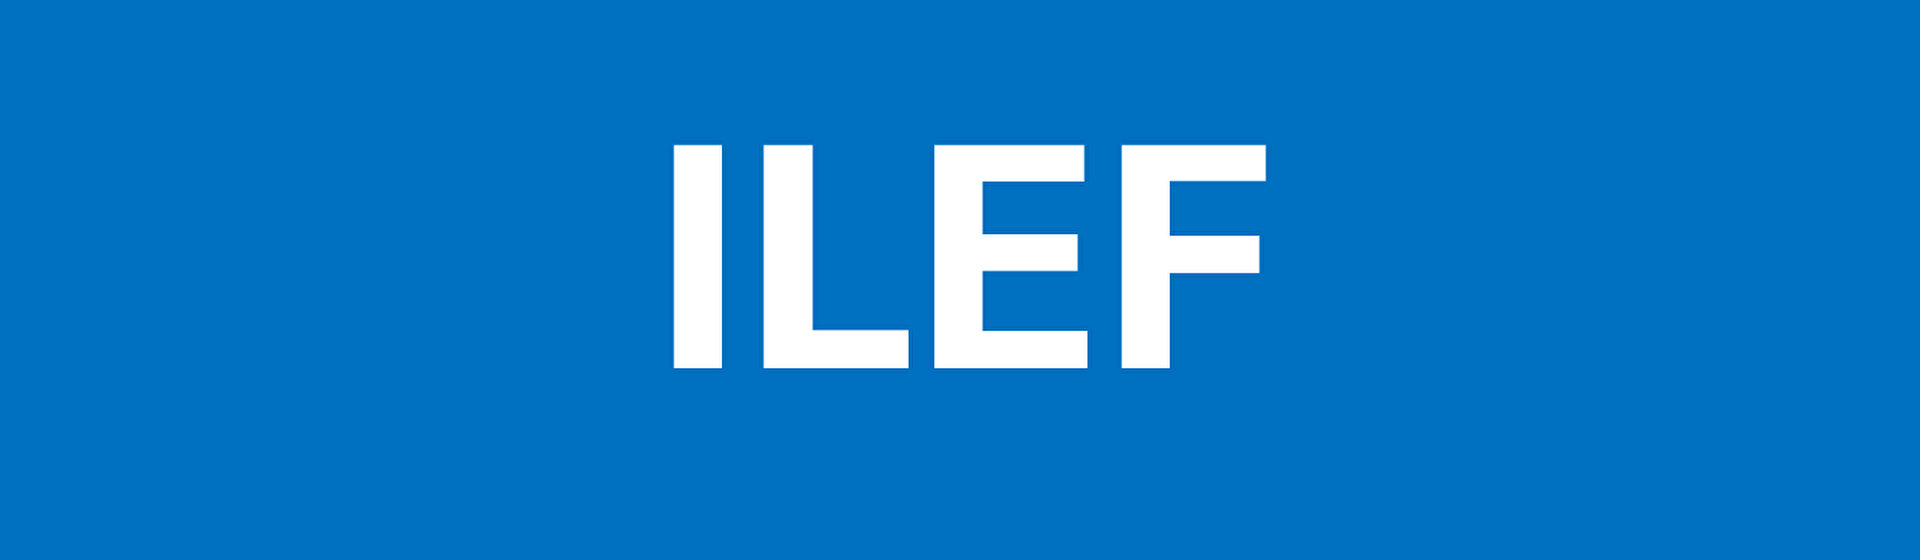 ILEF Header